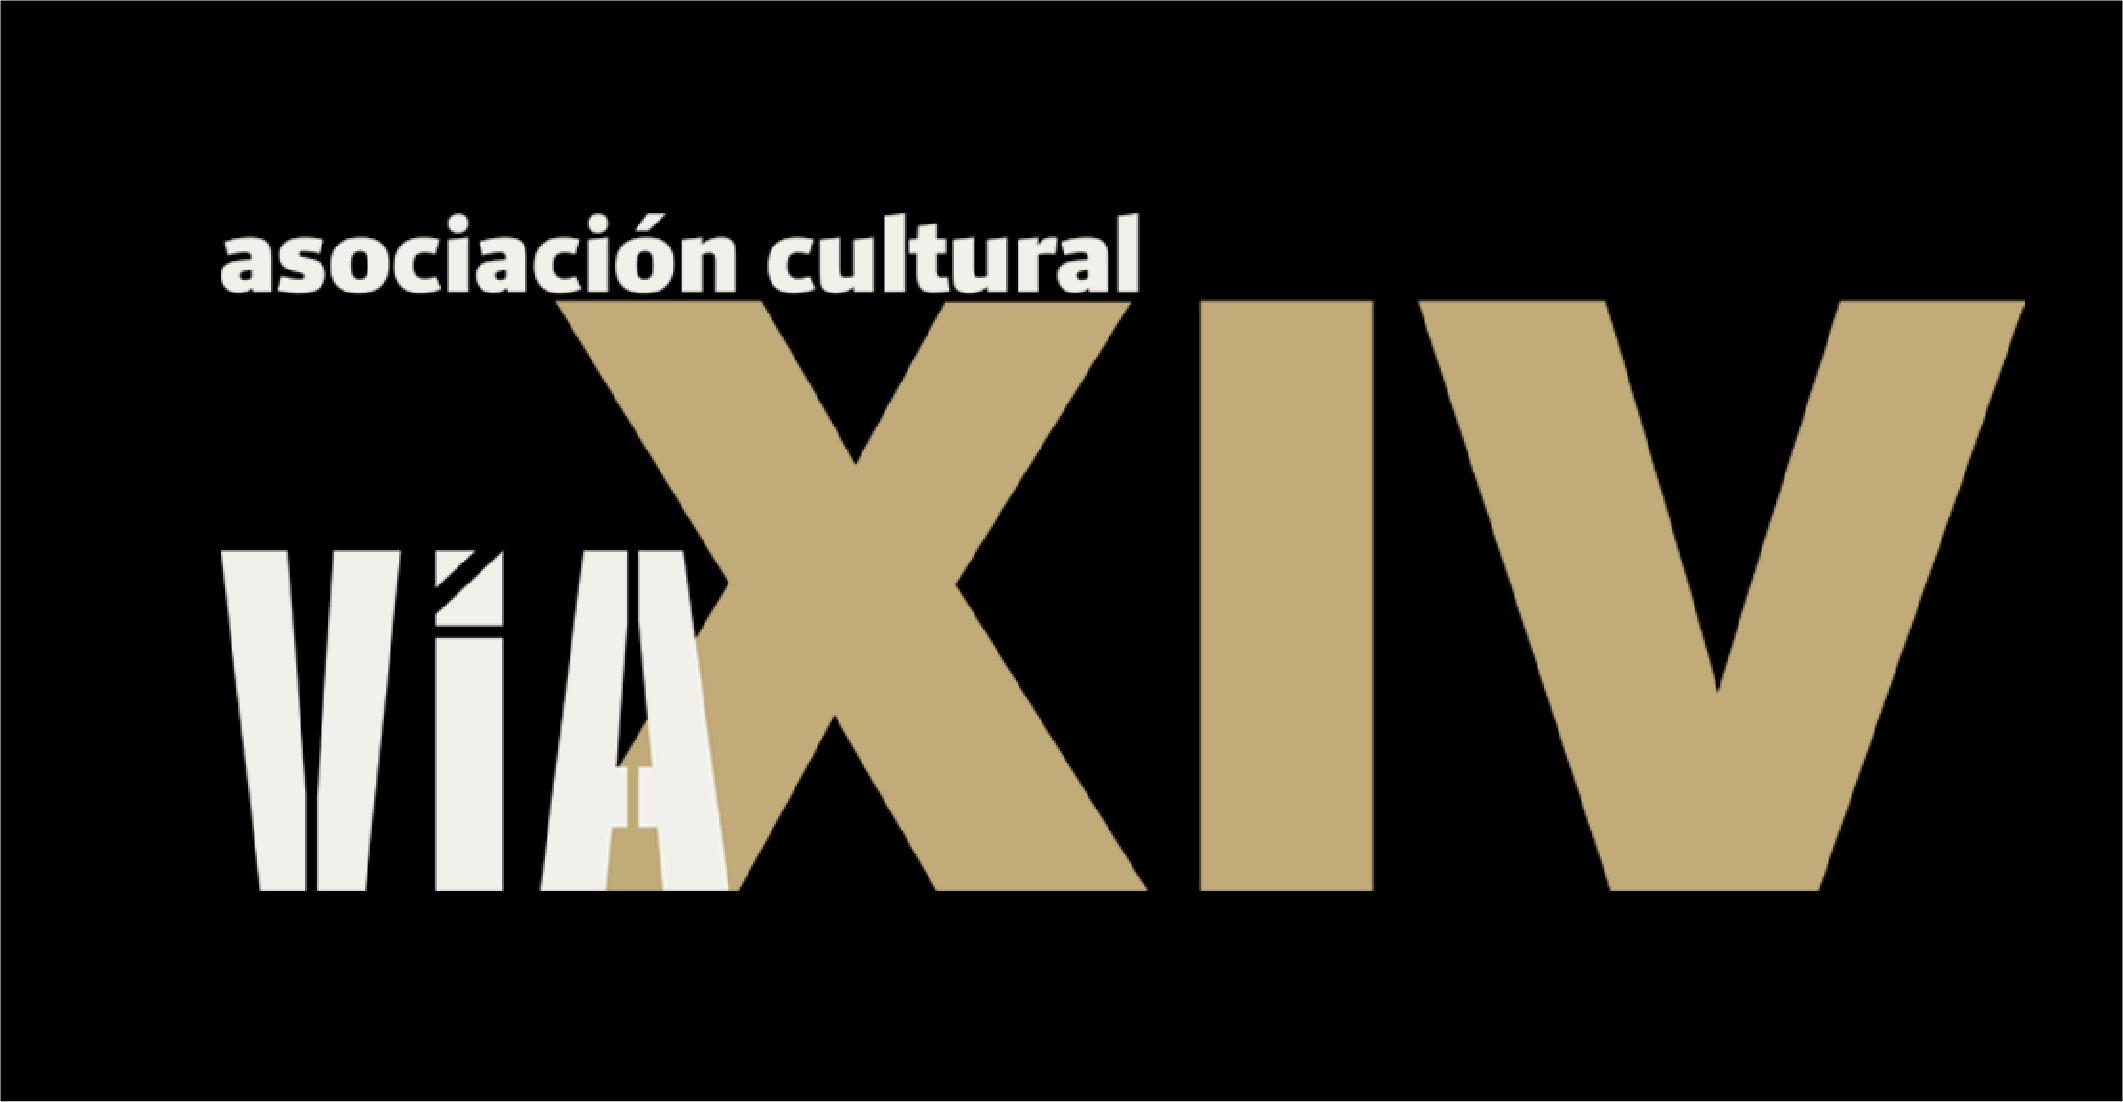 asociacion cultural fic